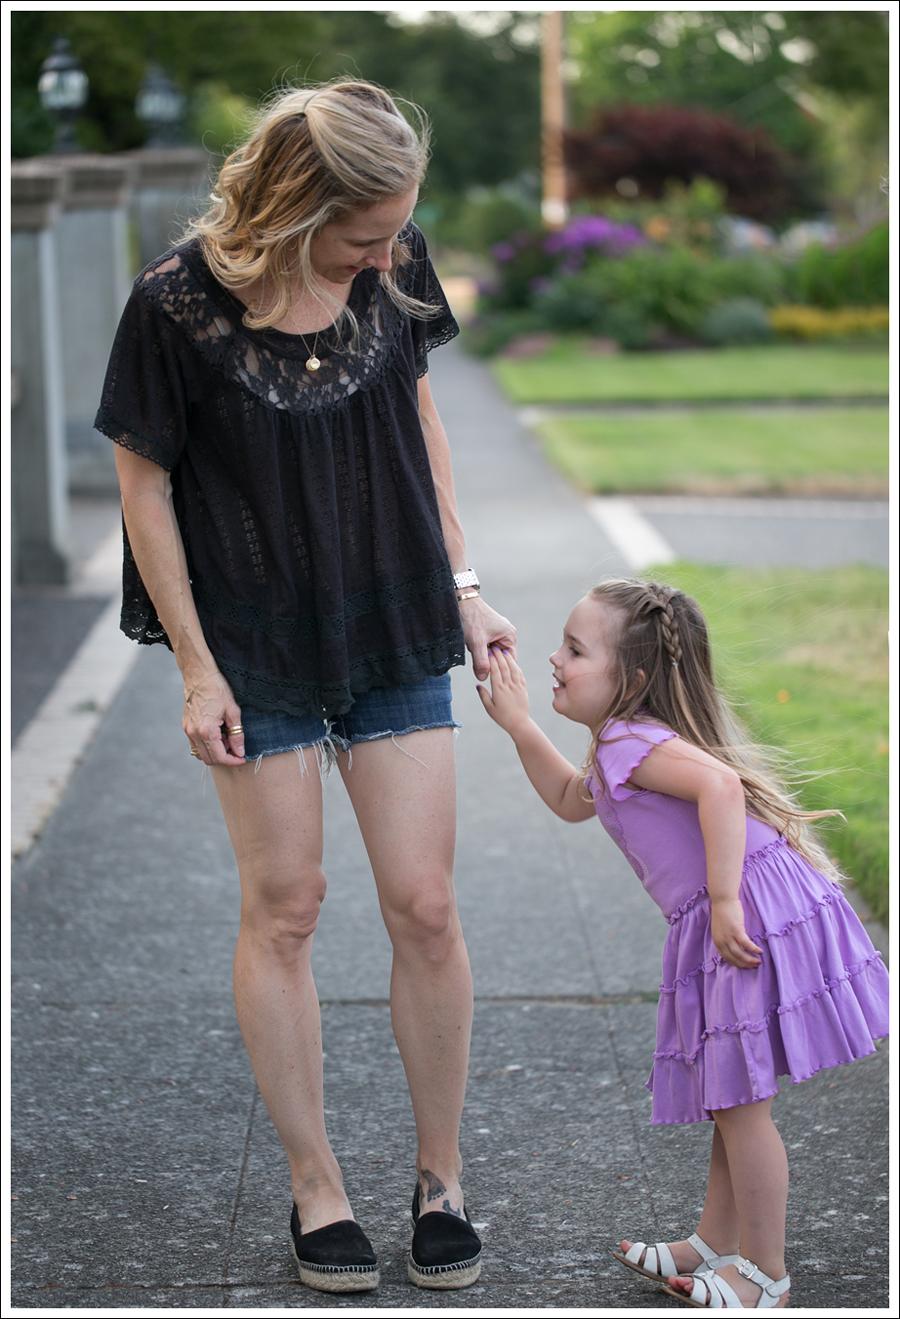 Blog Free People Dandelion Lace Pointelle Top COH DIY Cutoffs ShoeMint Christie Espadrilles-10